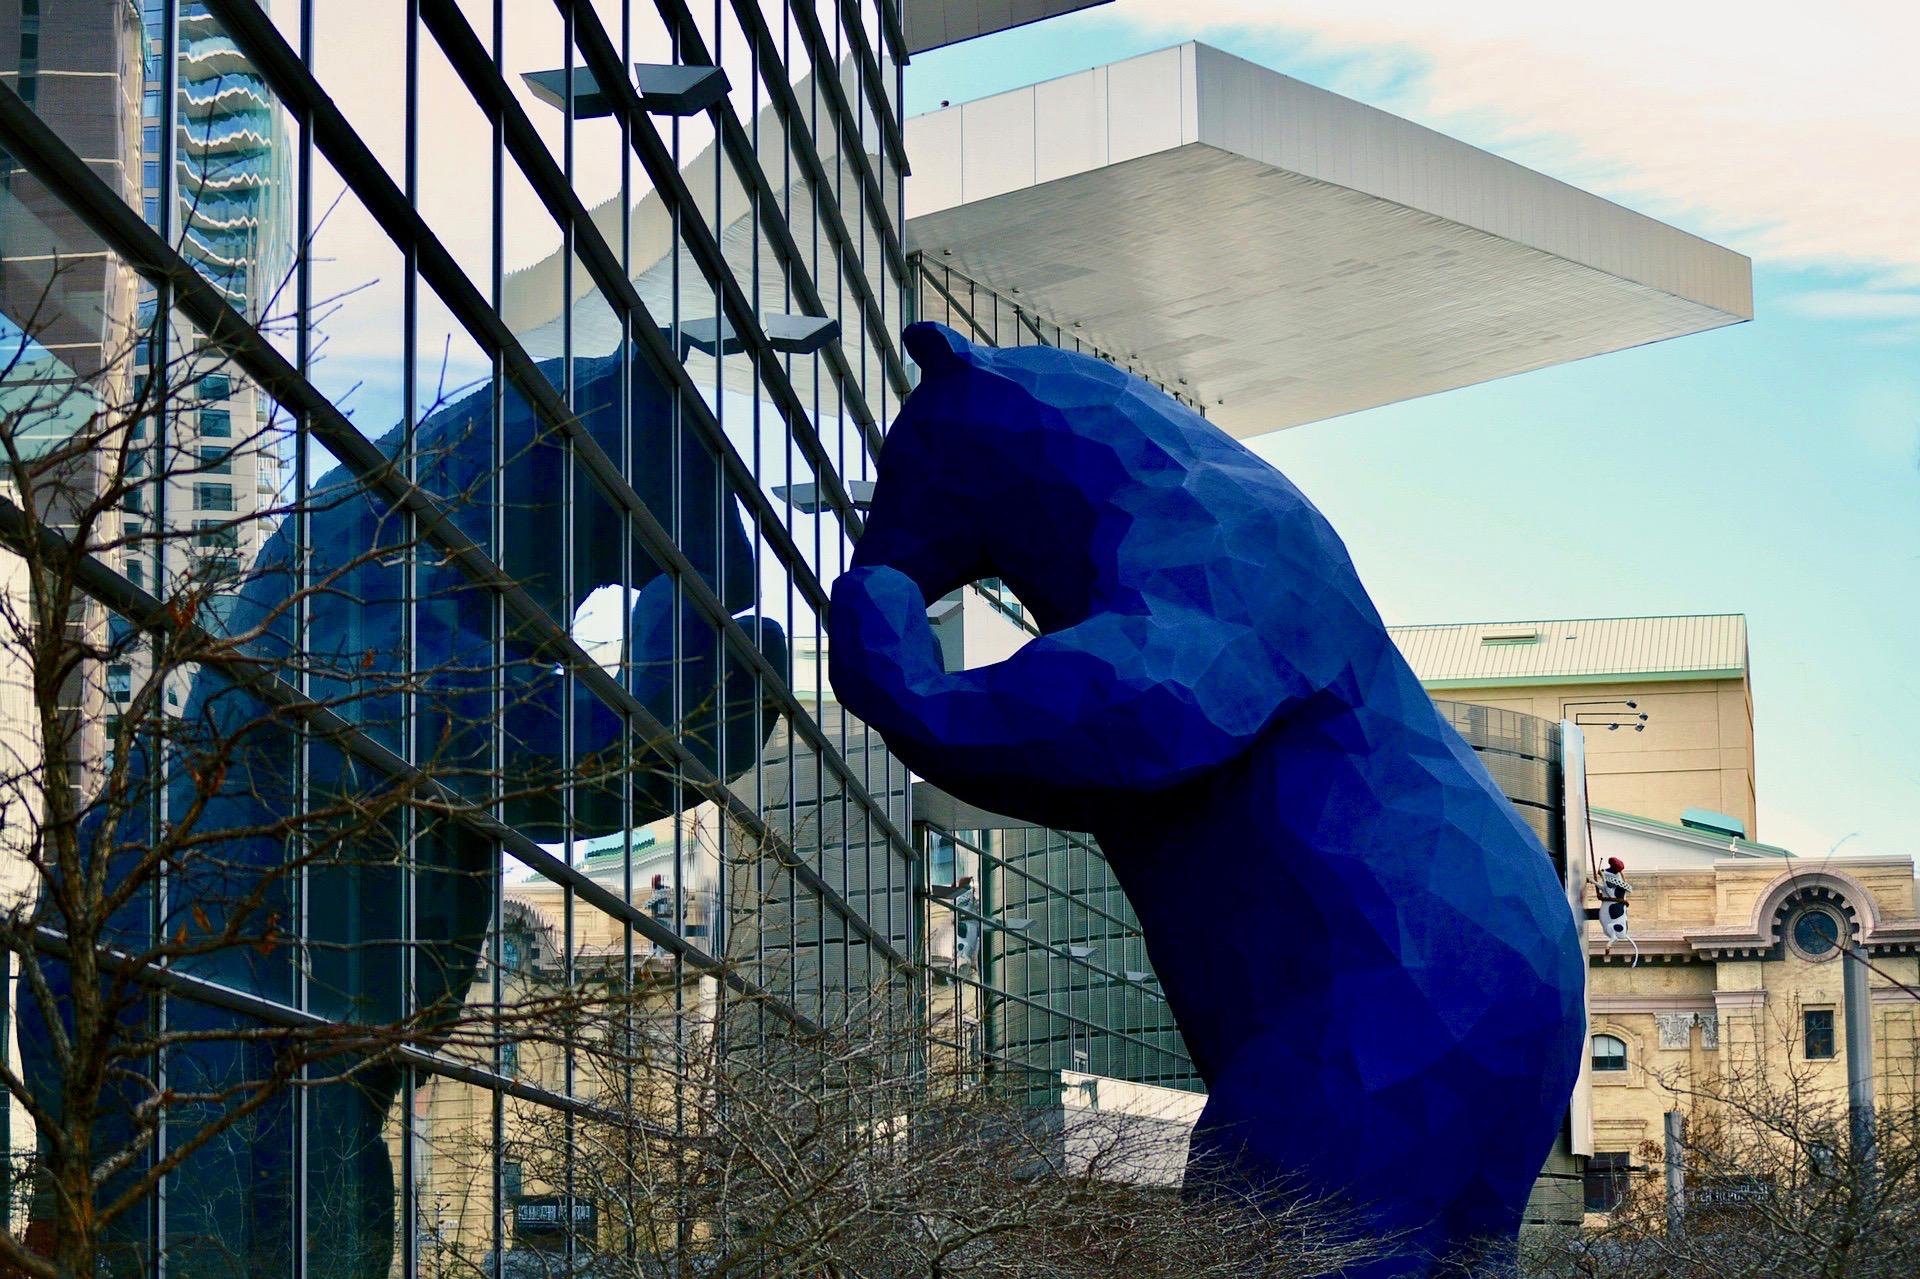 Big Blue Bear Denver